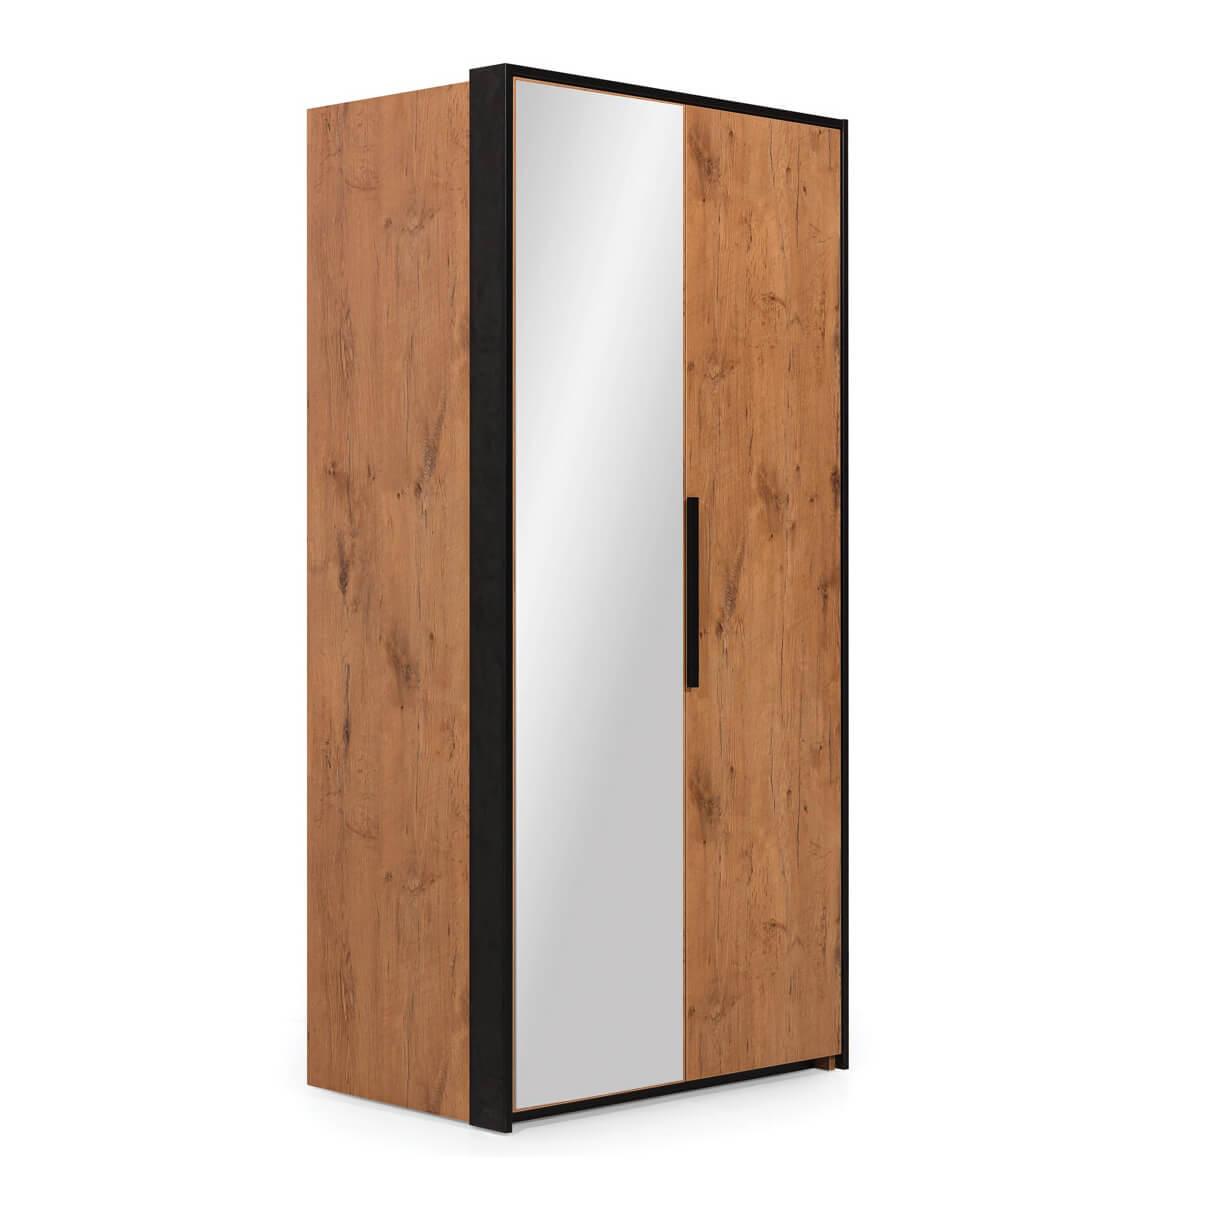 Двукрилен гардероб с огледало Д, колекция Loft